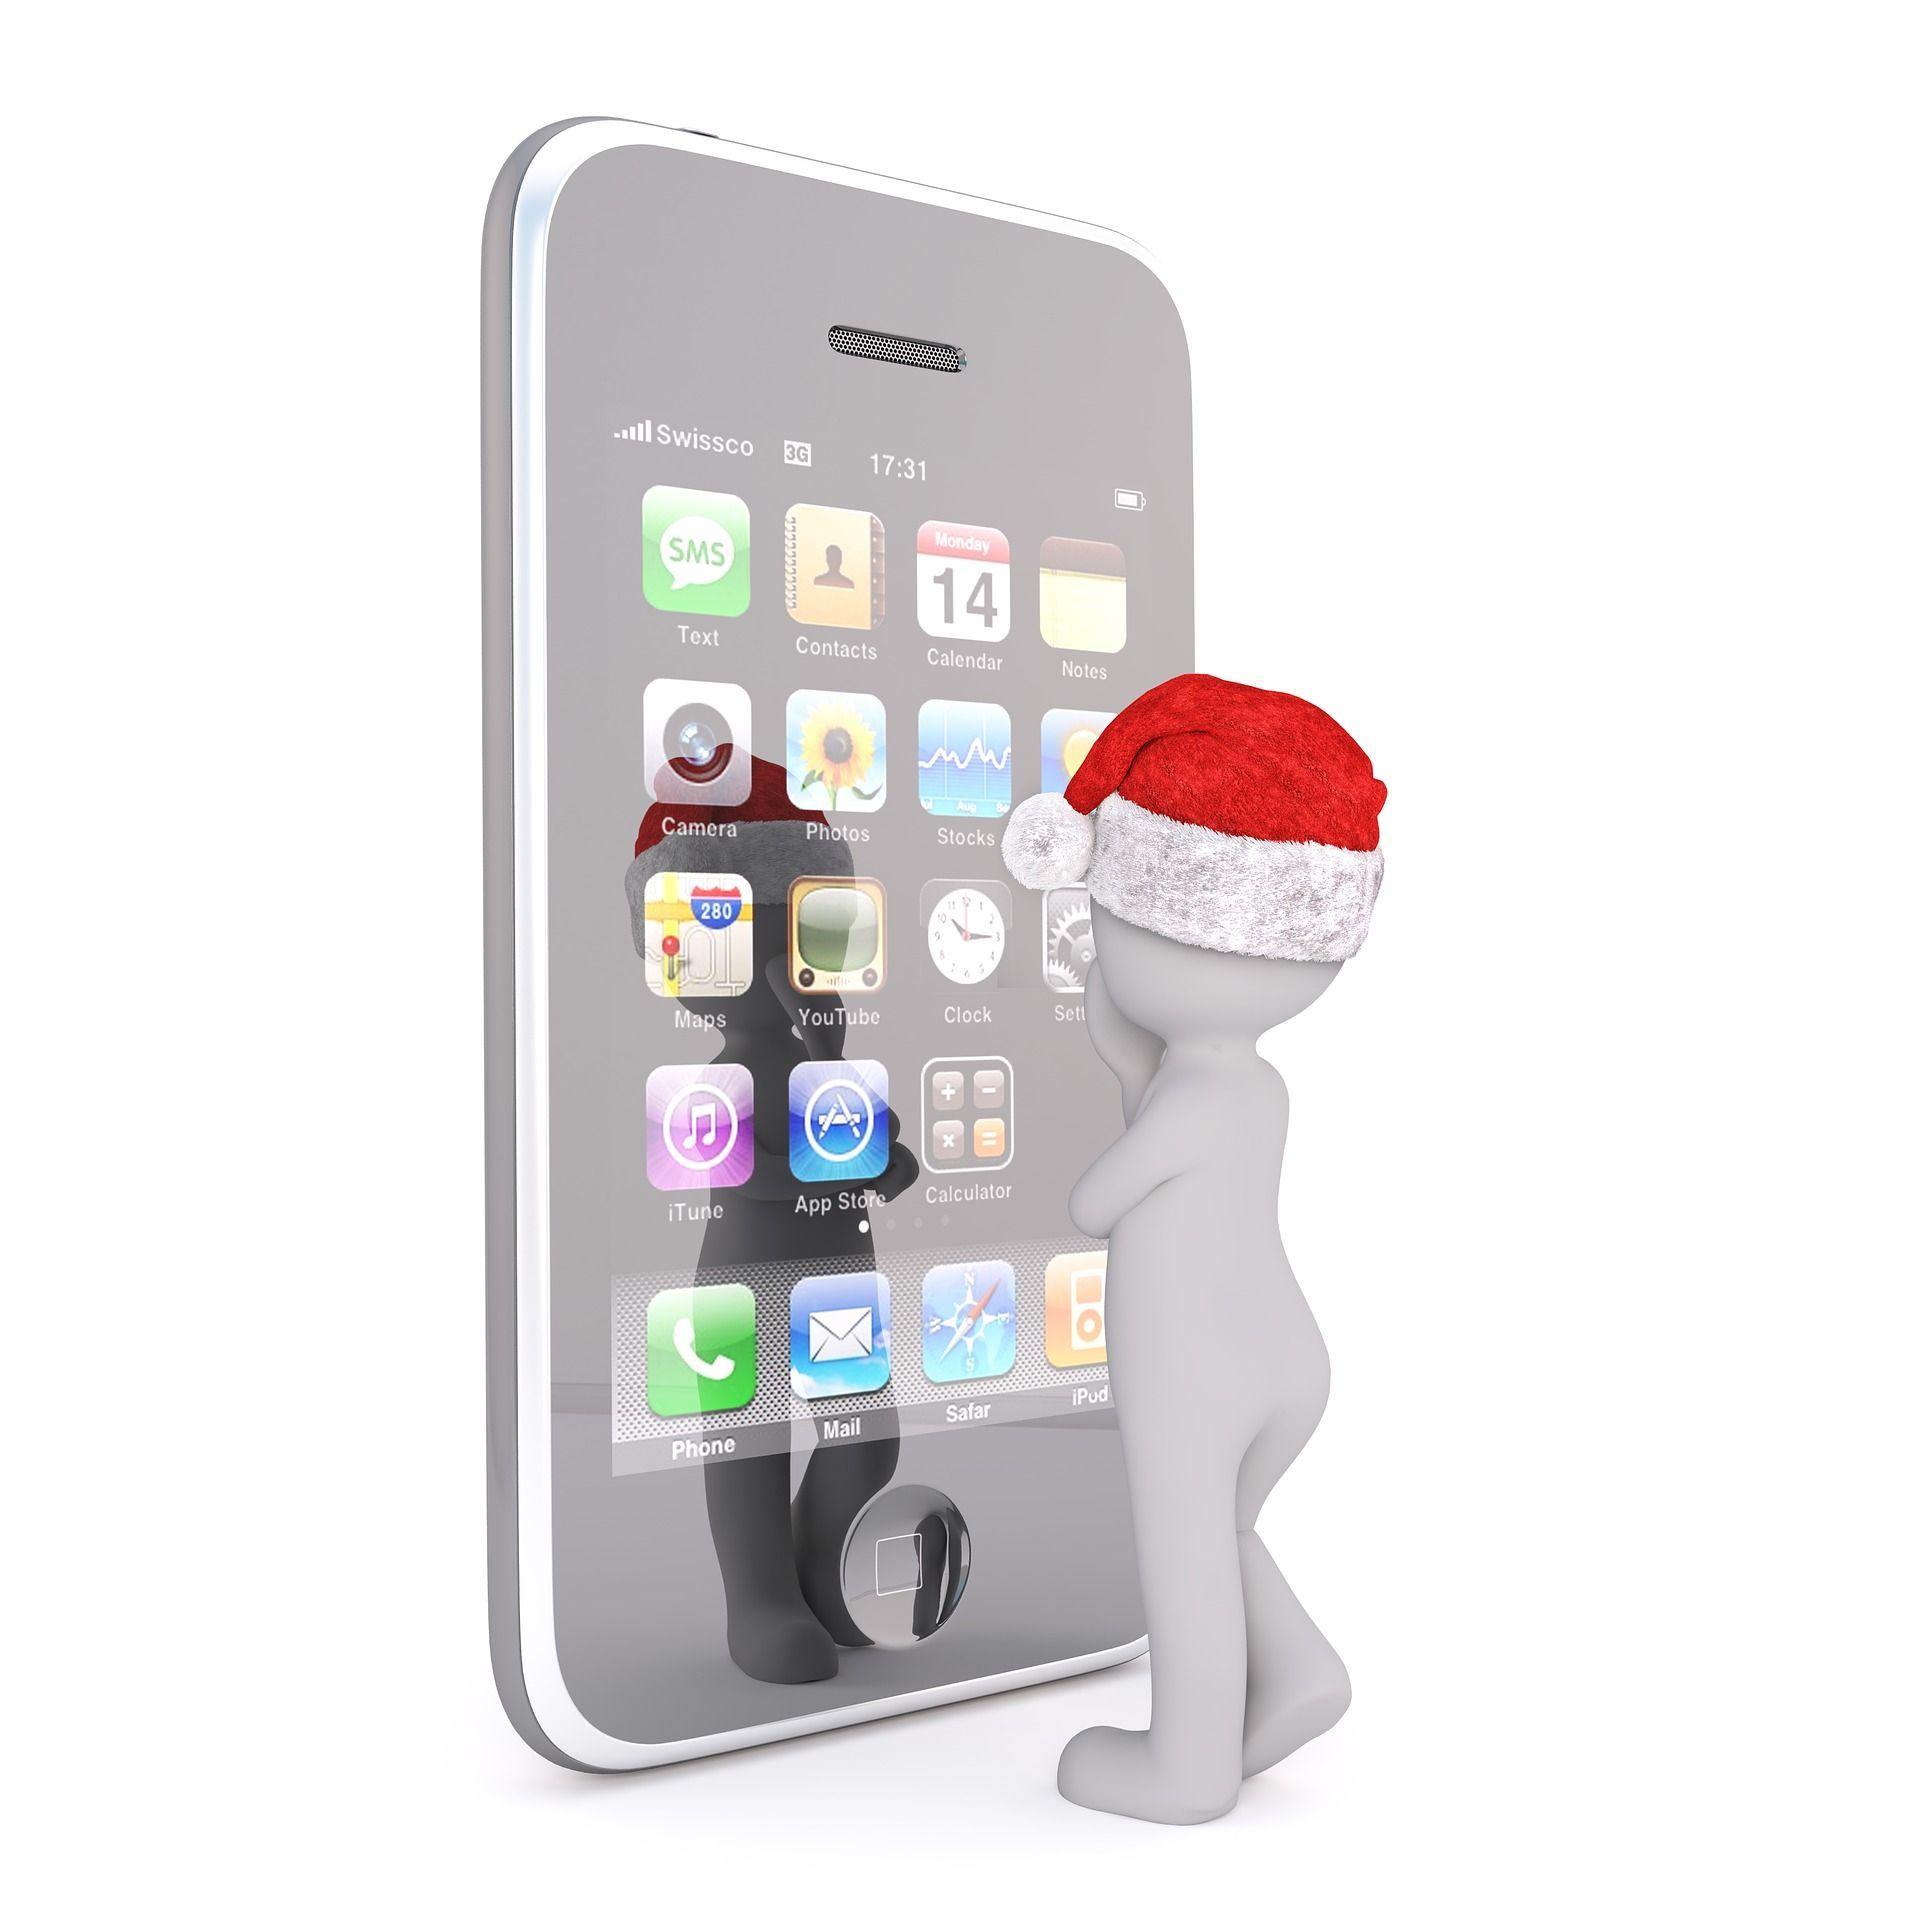 Da staunt unser Weihnachtsmännchen, was es alles an Apps gibt